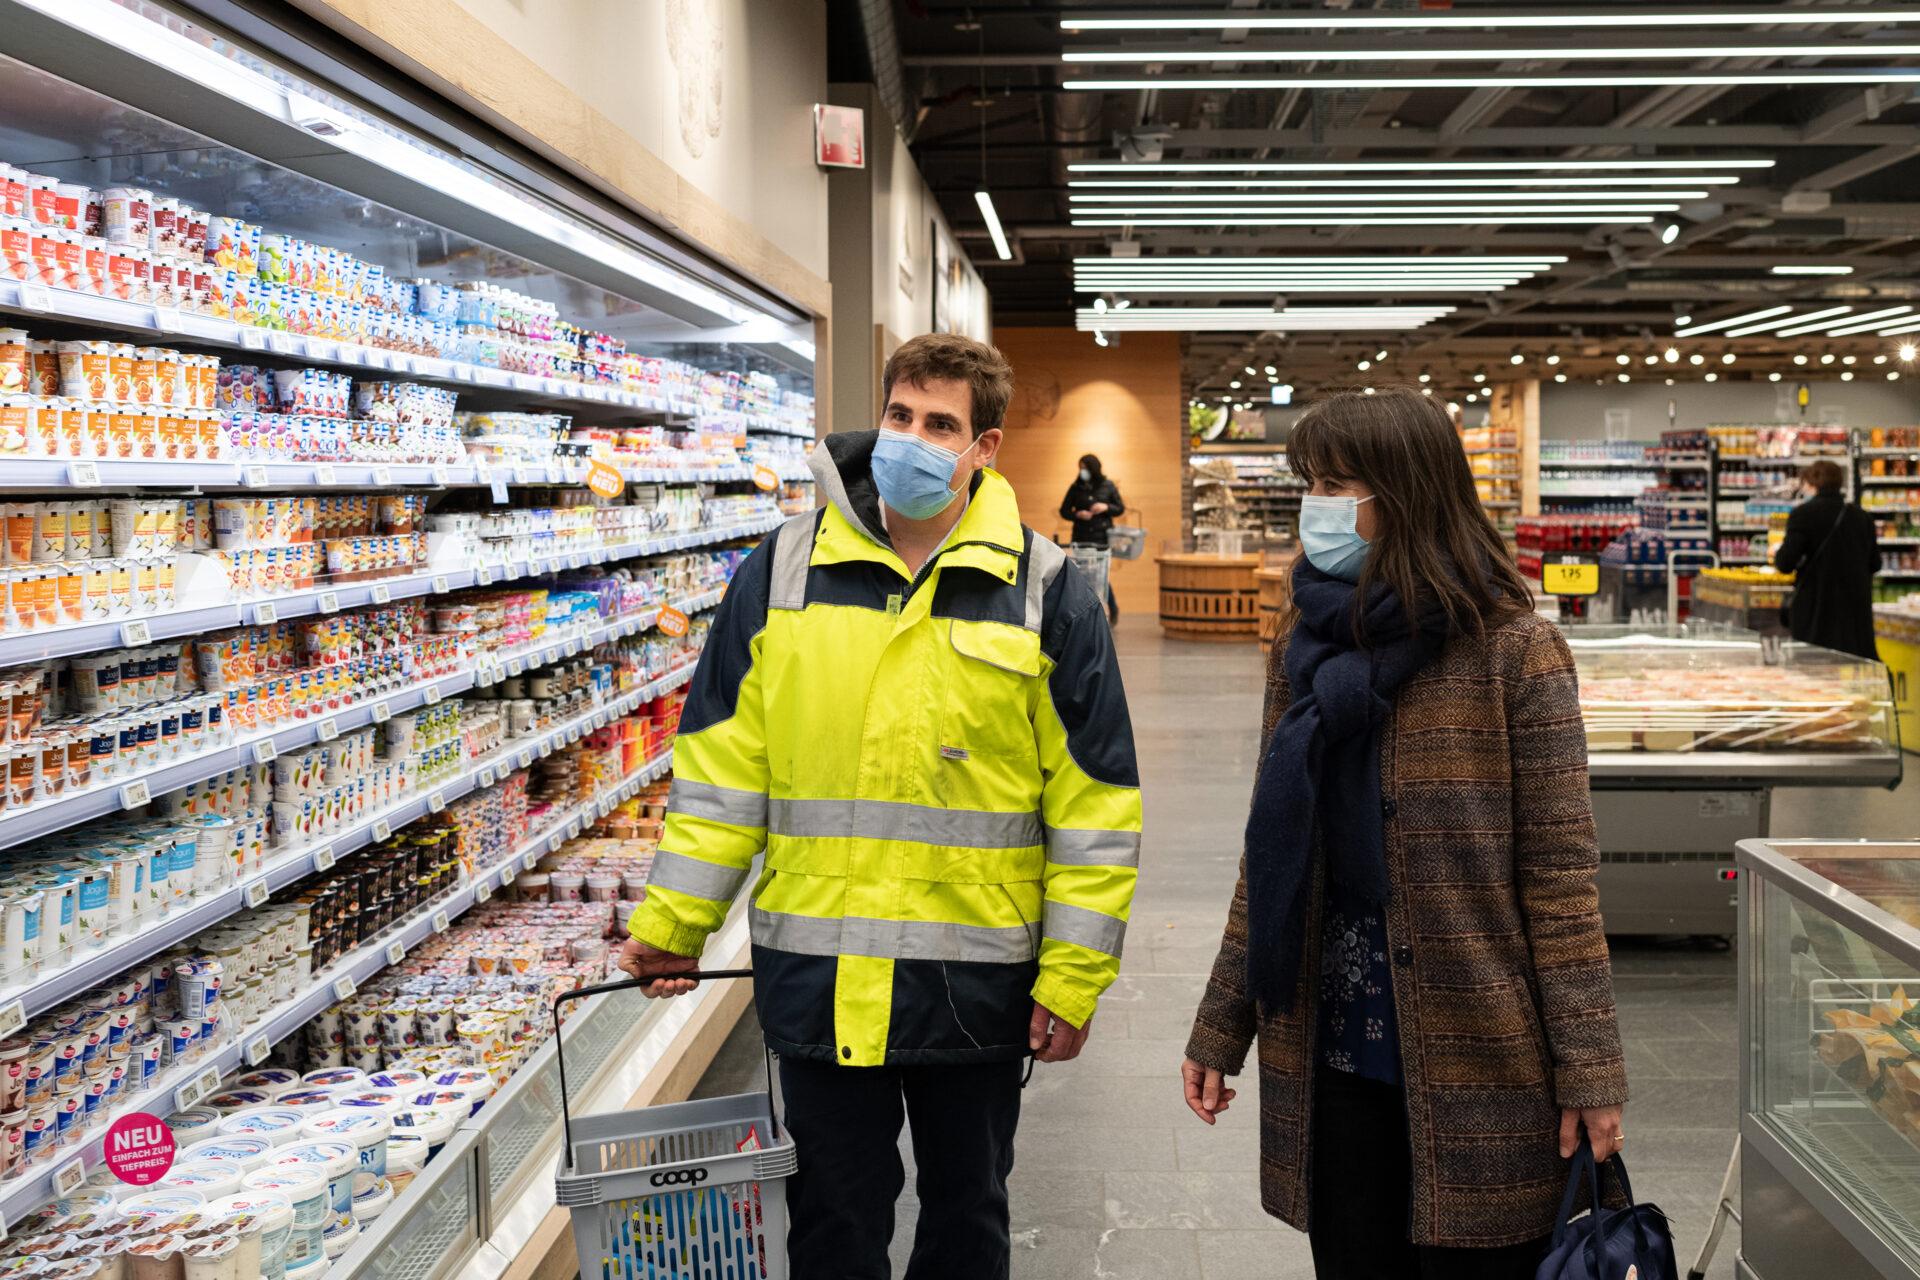 Un homme et une femme se tiennent au rayon laitier d'un supermarché.